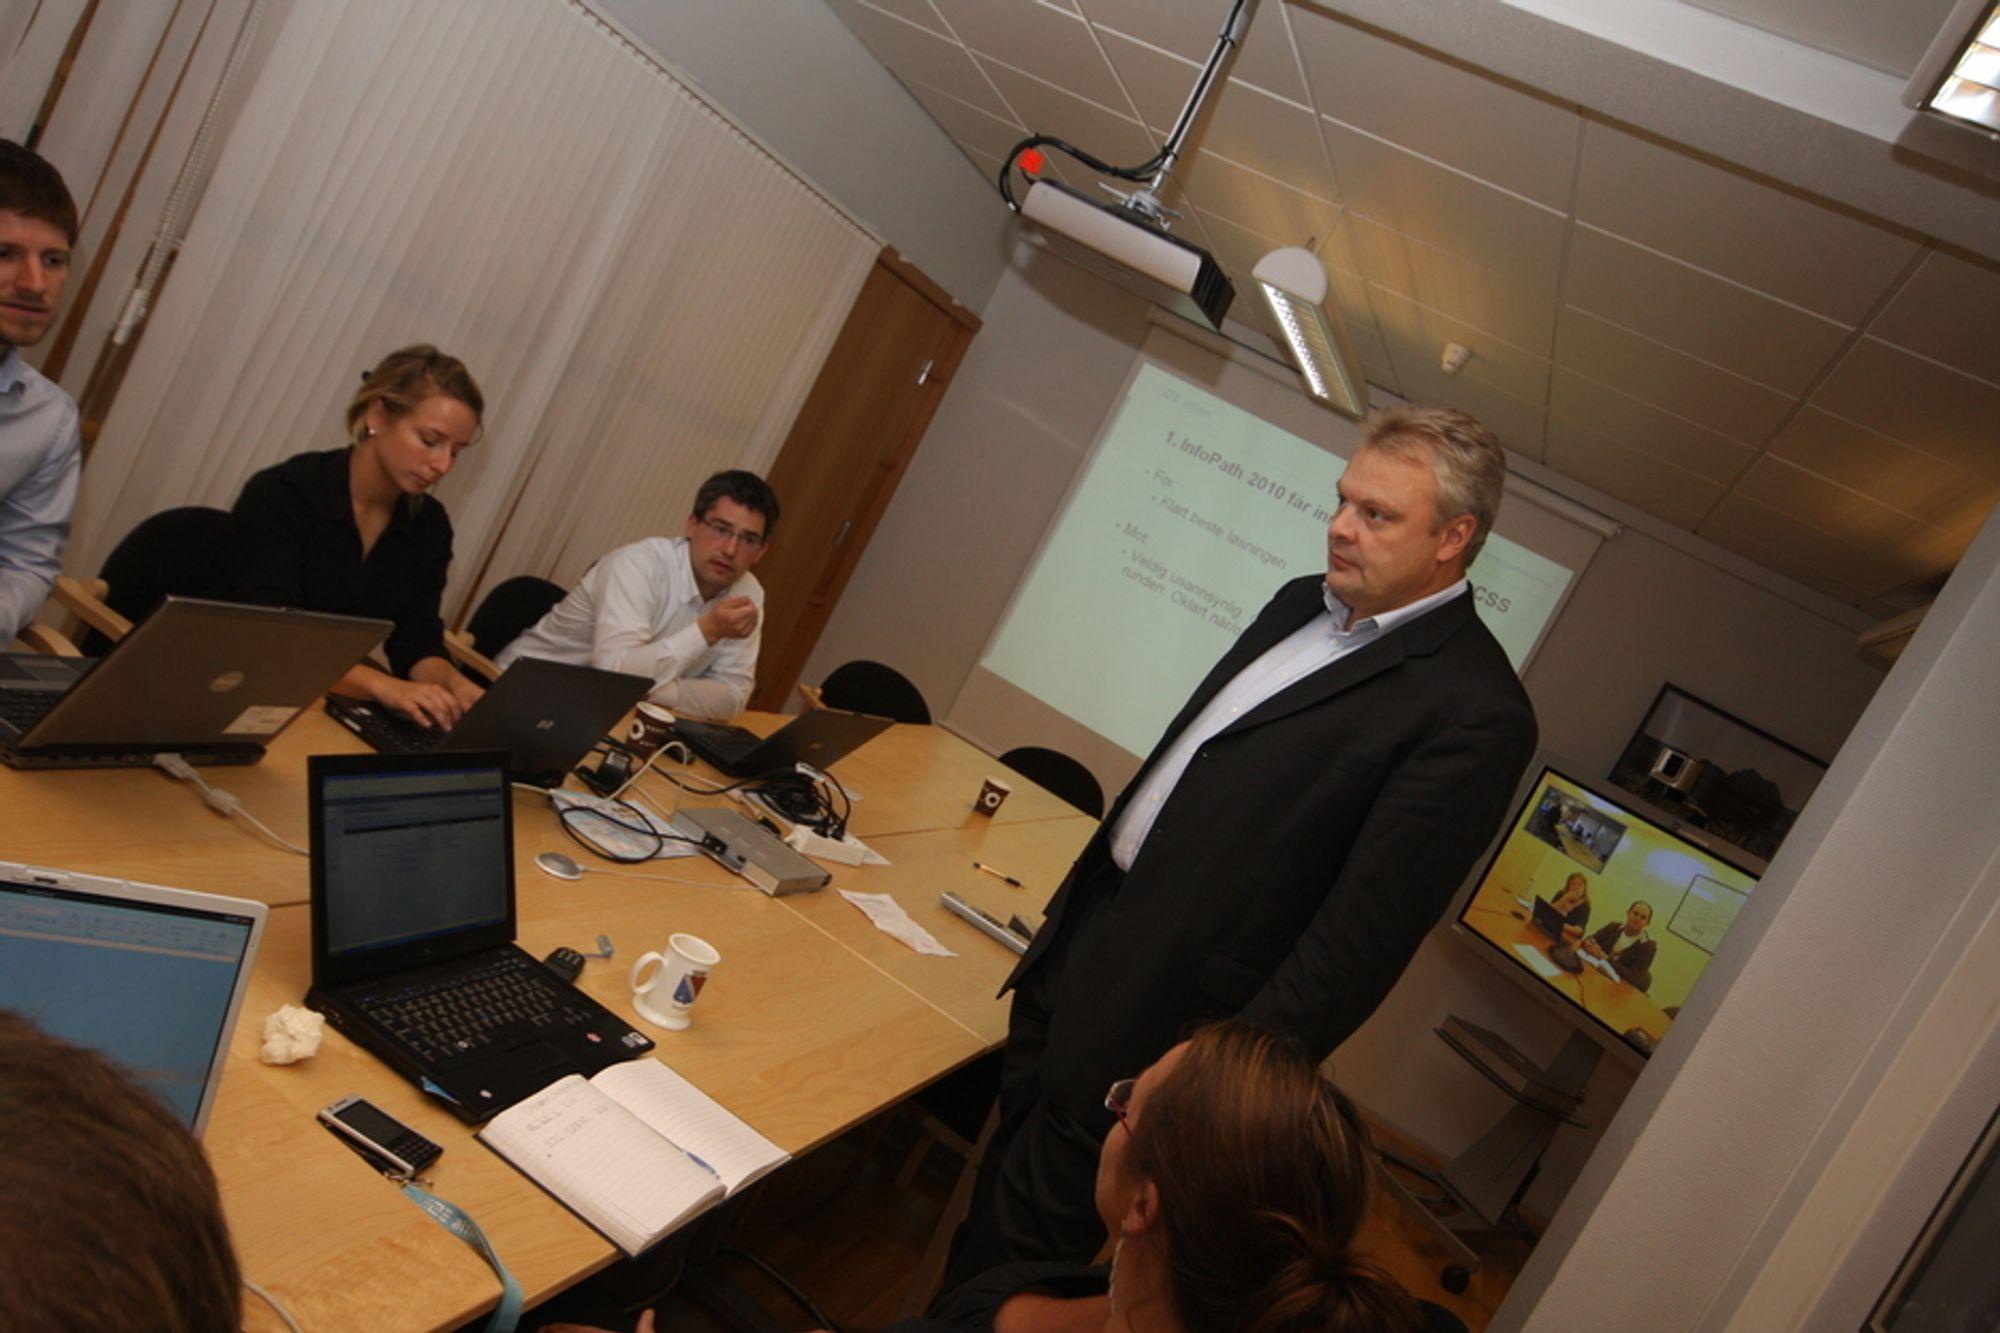 MØNSTERBRUK: Edvard Pedersen og prosjektstaben i Altinn II skal brukes som mønster for andre offentlige IT-prosjekter.